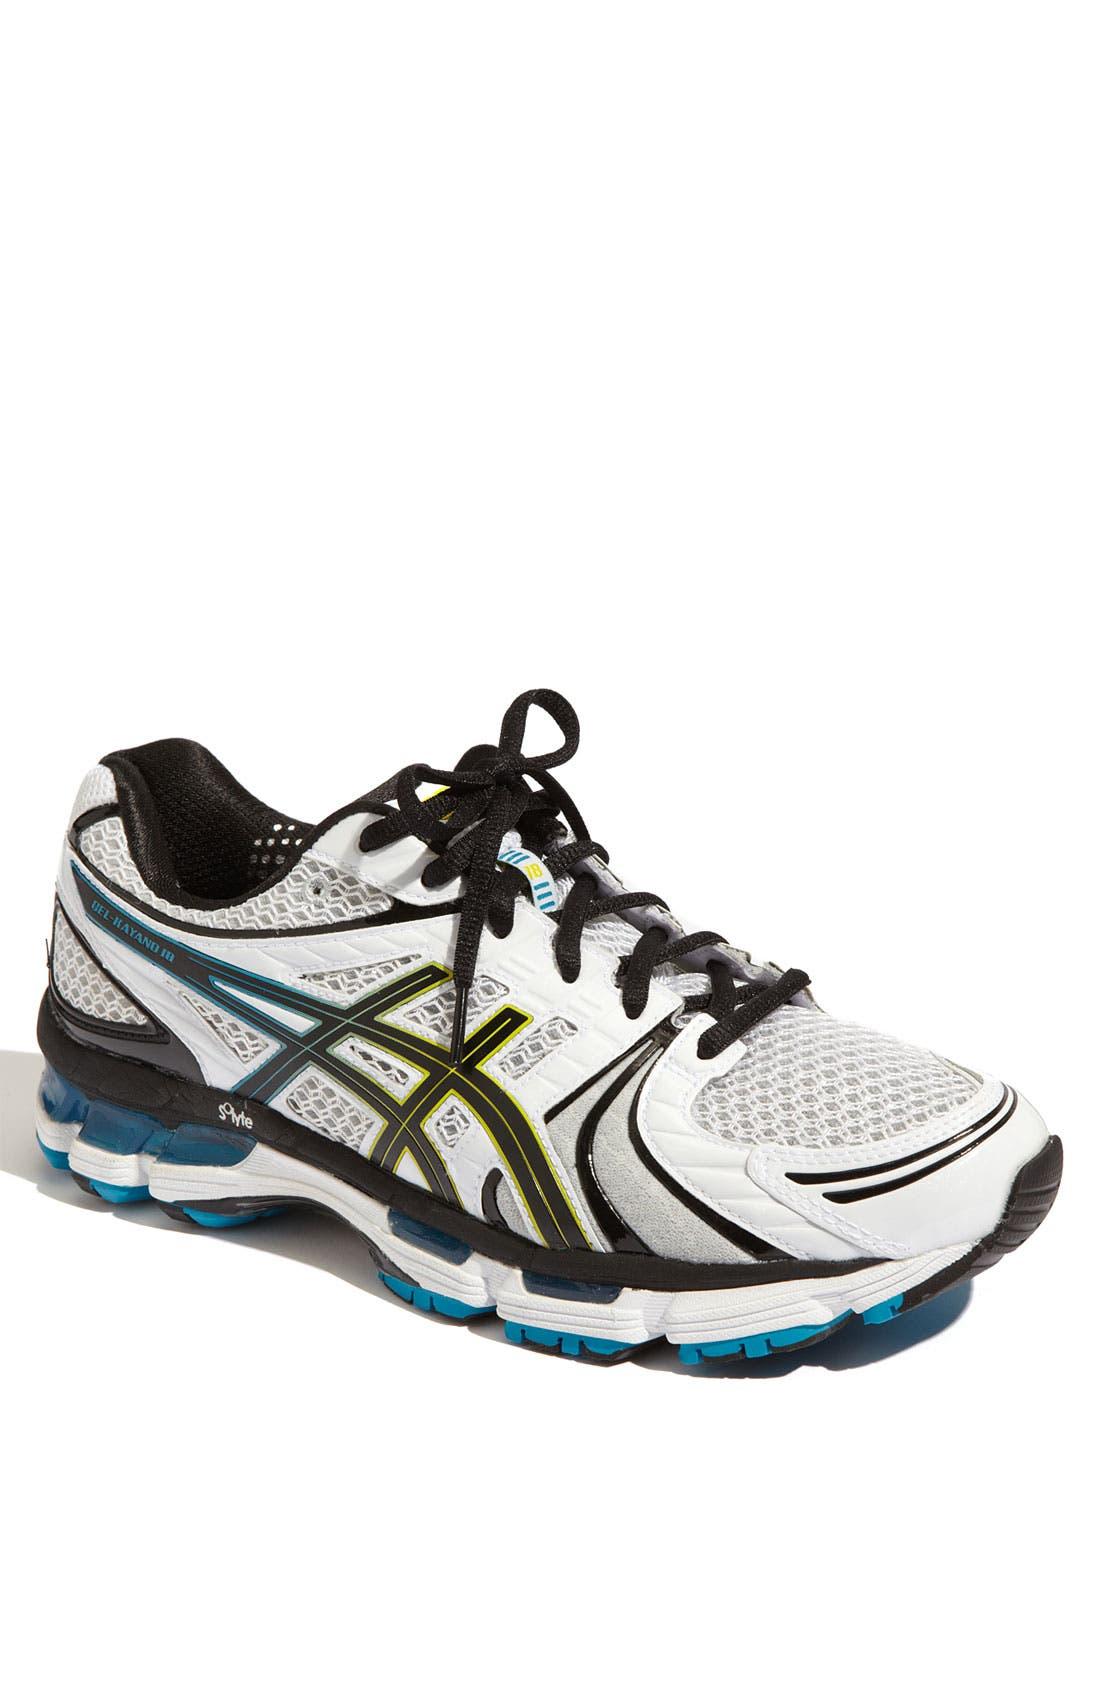 Main Image - ASICS® 'GEL-Kayano® 18' Running Shoe (Men)